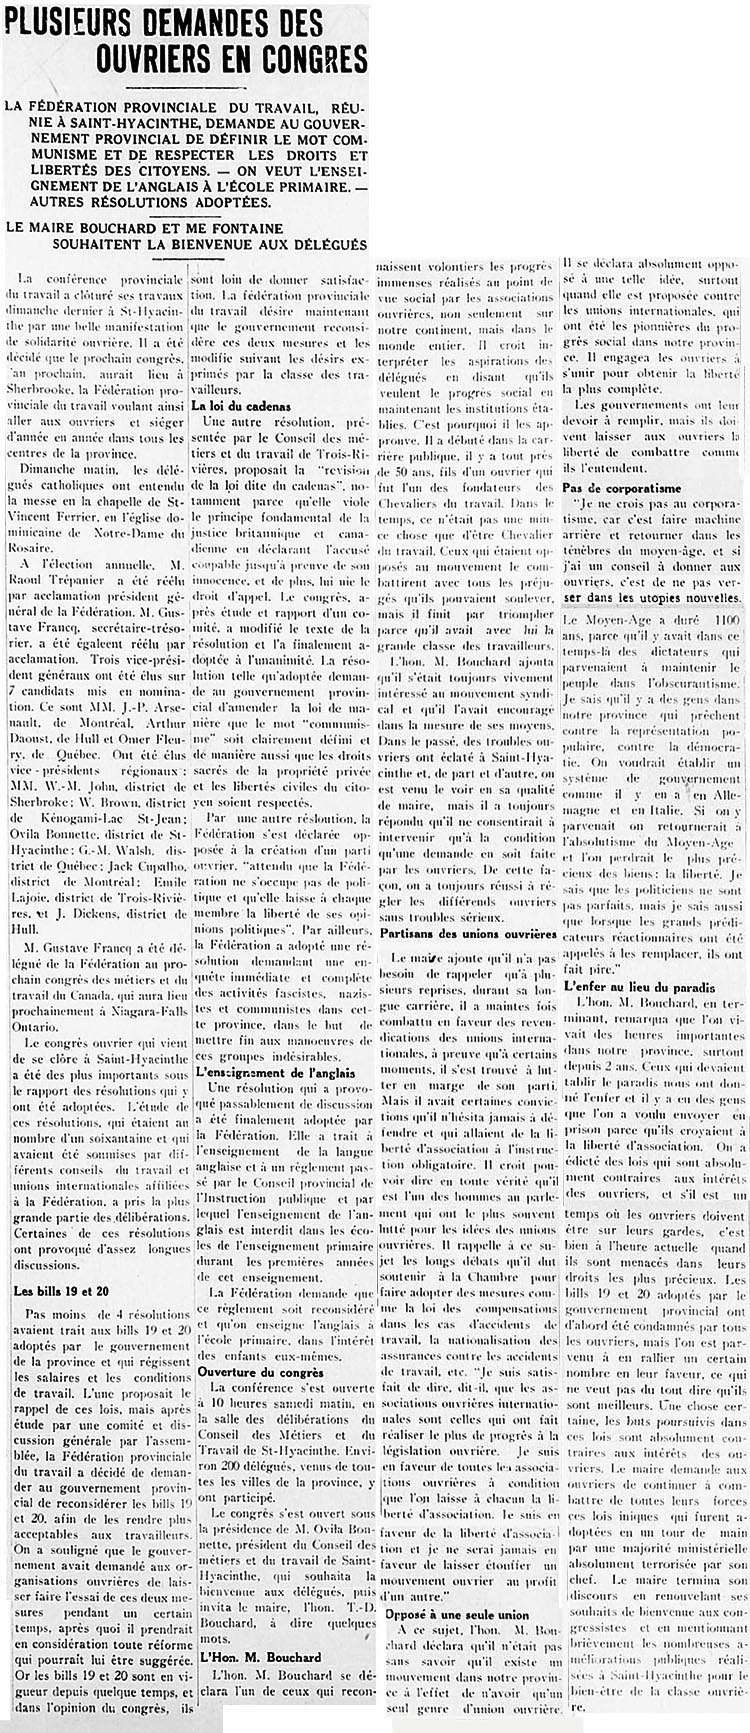 1938_juillet22Clai_750